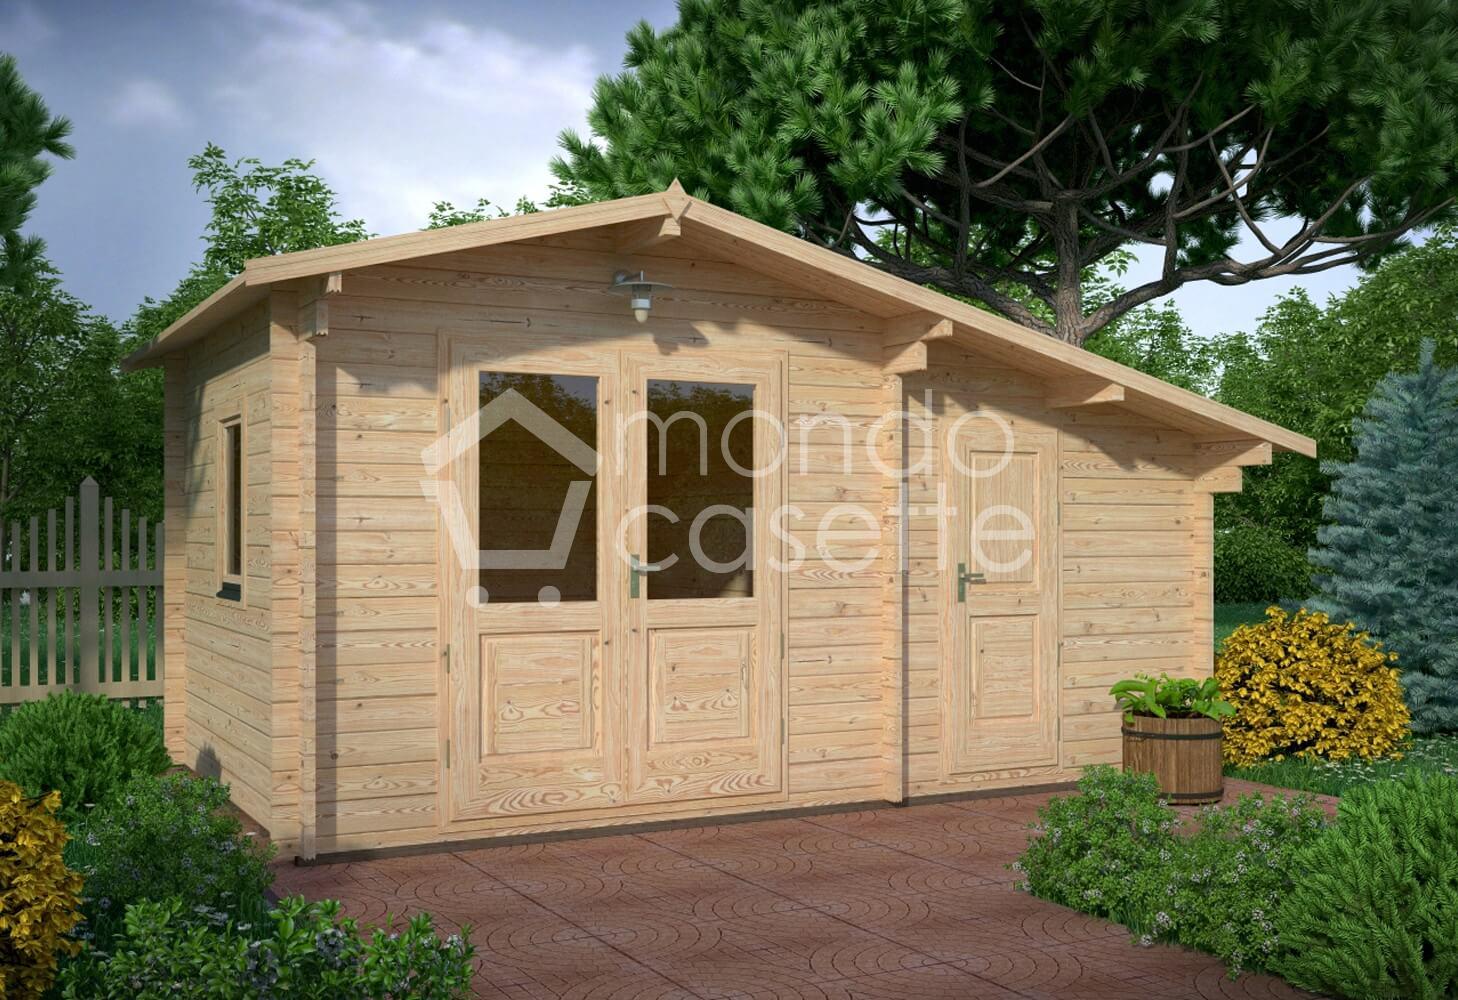 Casetta in legno Deco - 5x3 - pareti da 45 mm (2 vani)